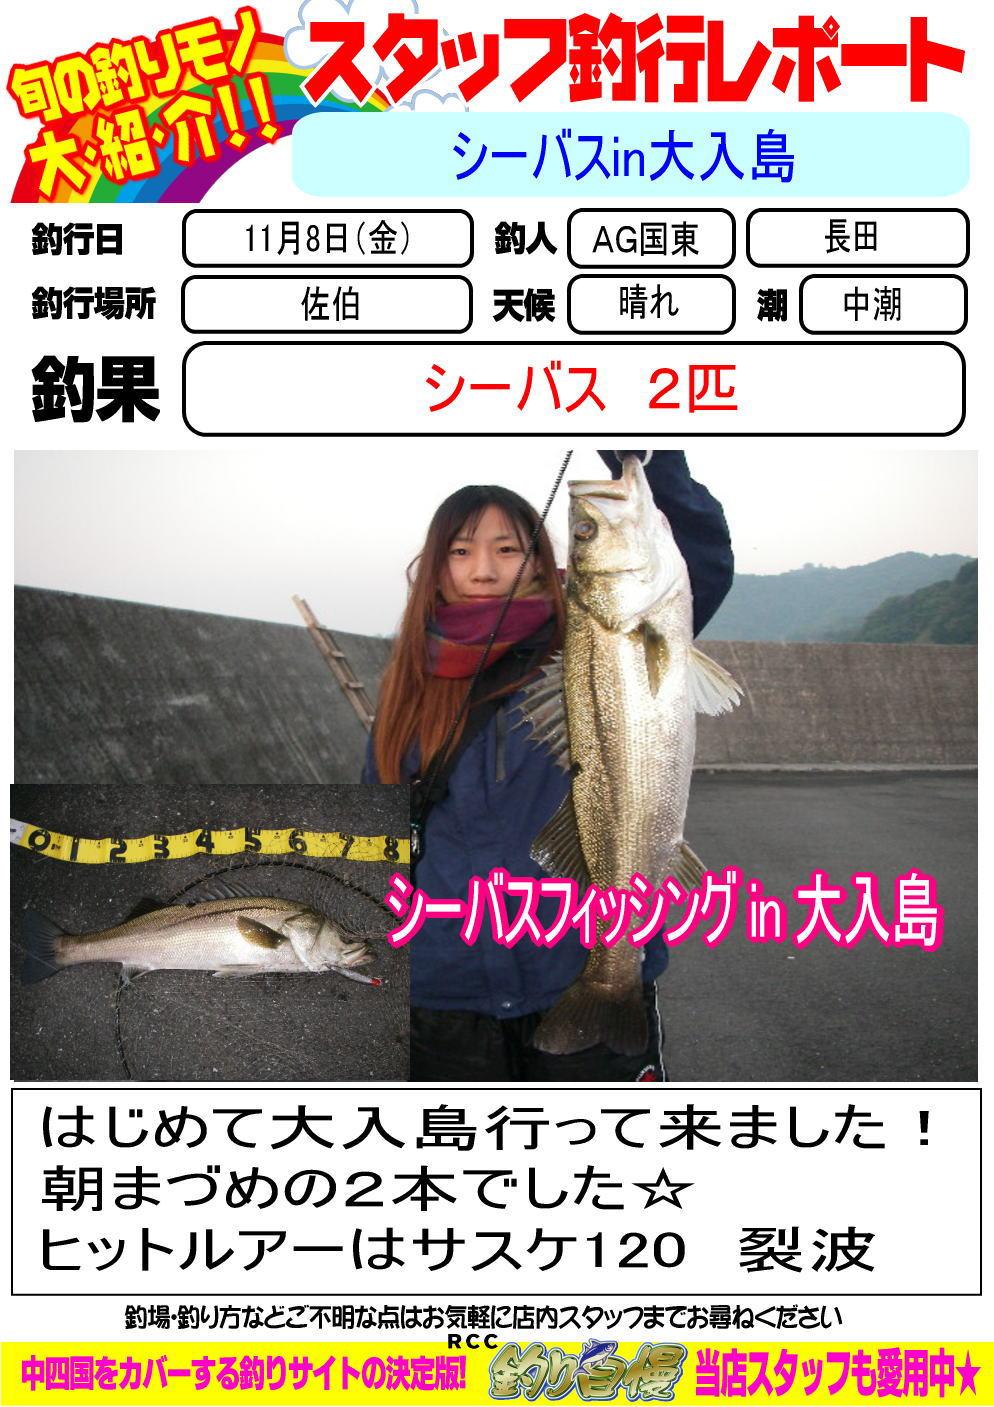 http://www.e-angle.co.jp/shop/blog/blog-20131108-kunisaki-suzuki.jpg